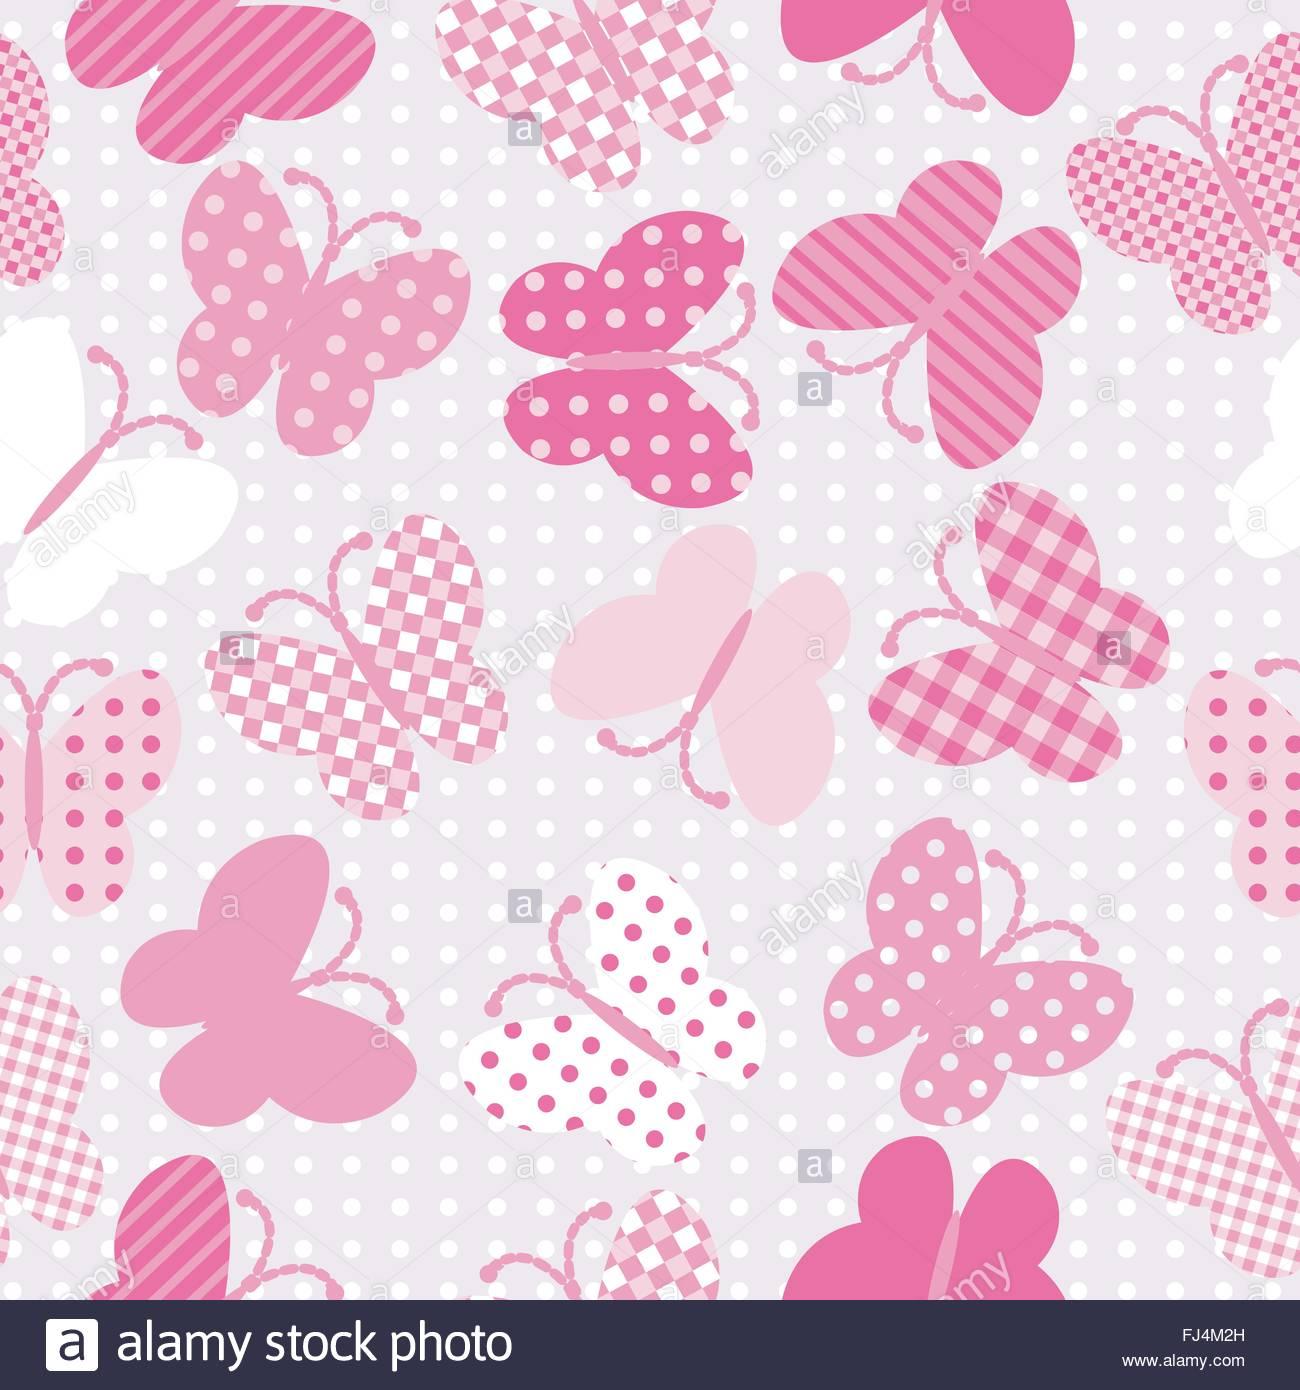 Rosa Farfalle Modellato Sullo Sfondo Senza Giunture Illustrazione